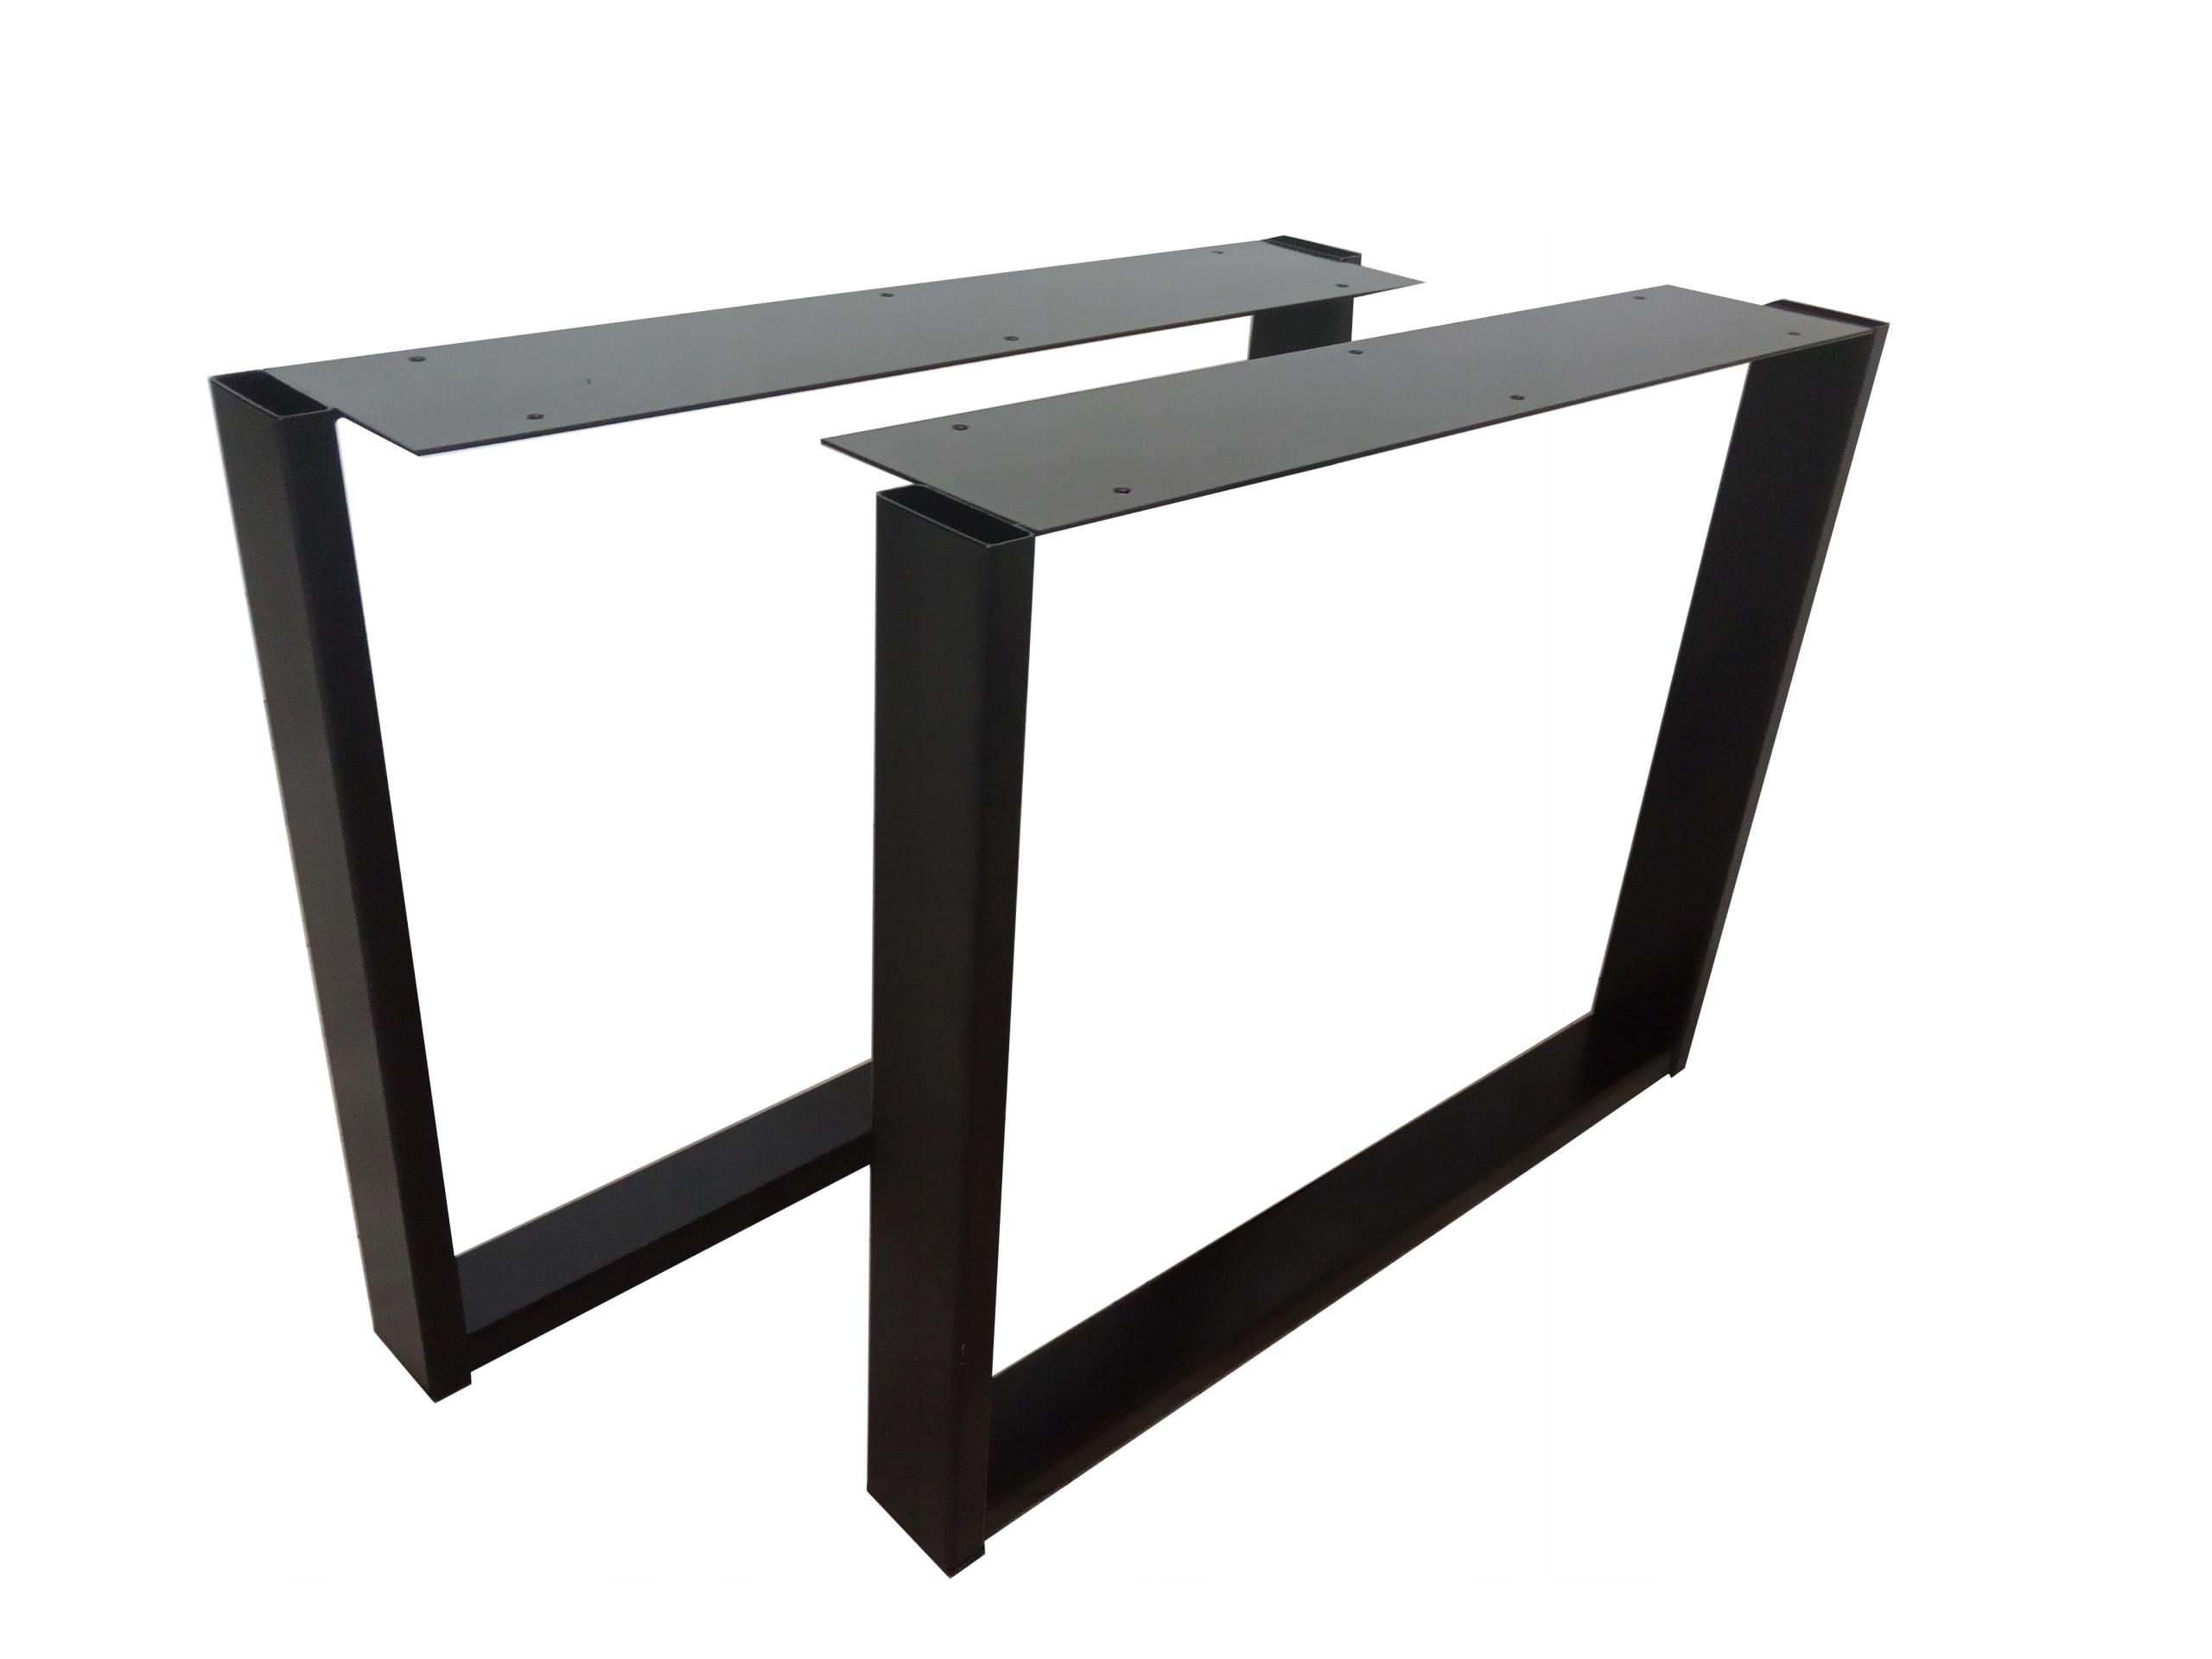 Noga stolika kawowego, ławy czarna NG-023.81/ 9005